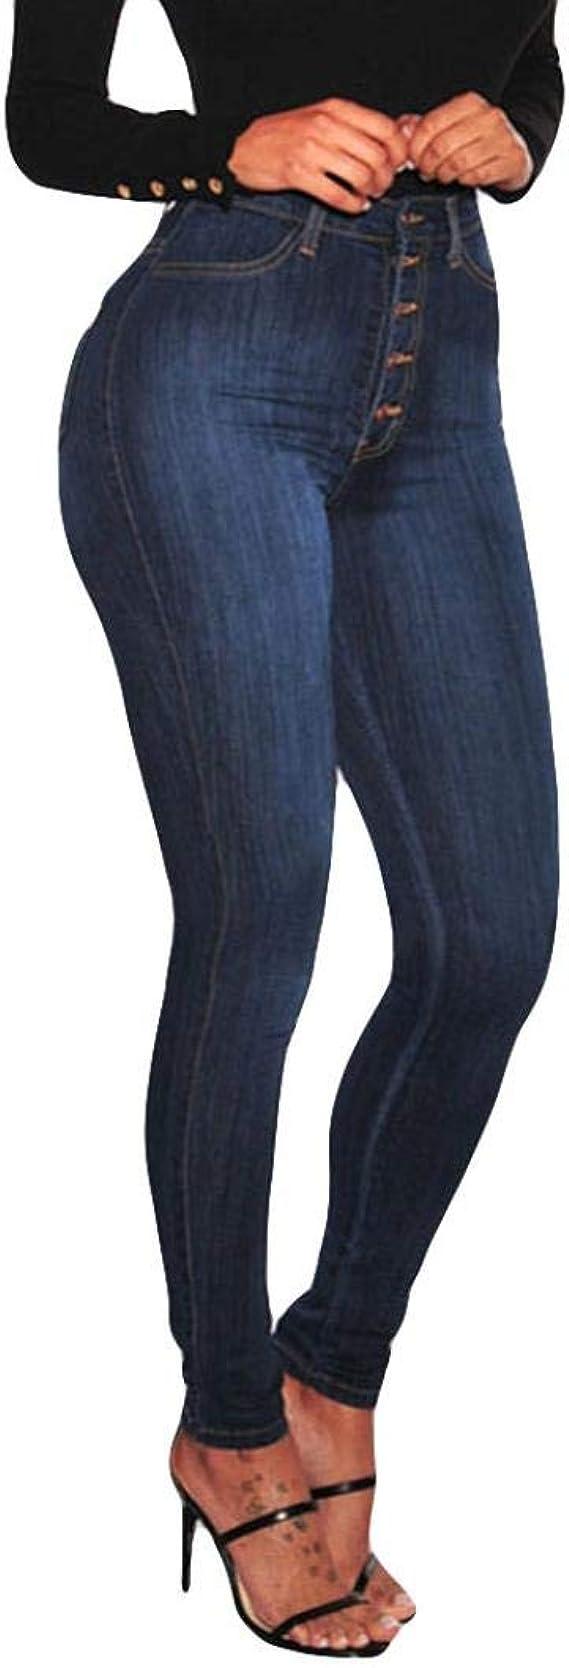 Amazon Com Pantalones De Mezclilla Para Mujer De Cintura Alta Ajustados Con Diseno De Mariposas De Kardashian Clothing